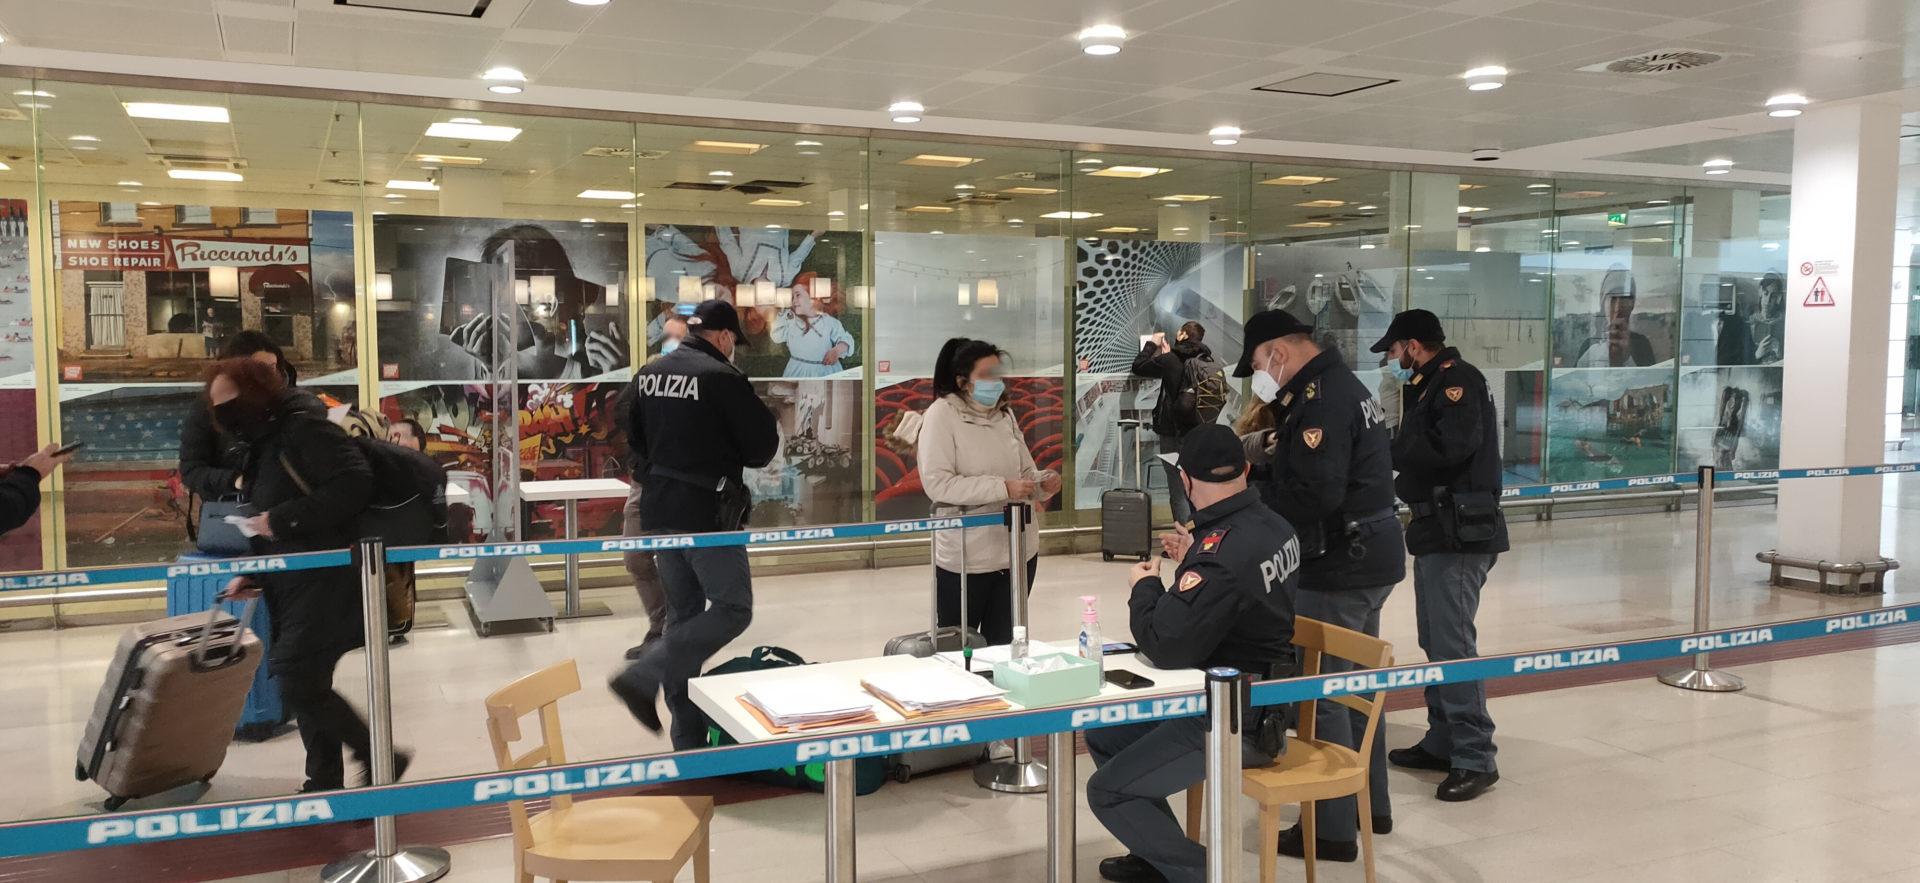 7.462 persone controllate dalla Polizia Ferroviaria durante le feste natalizie in FVG